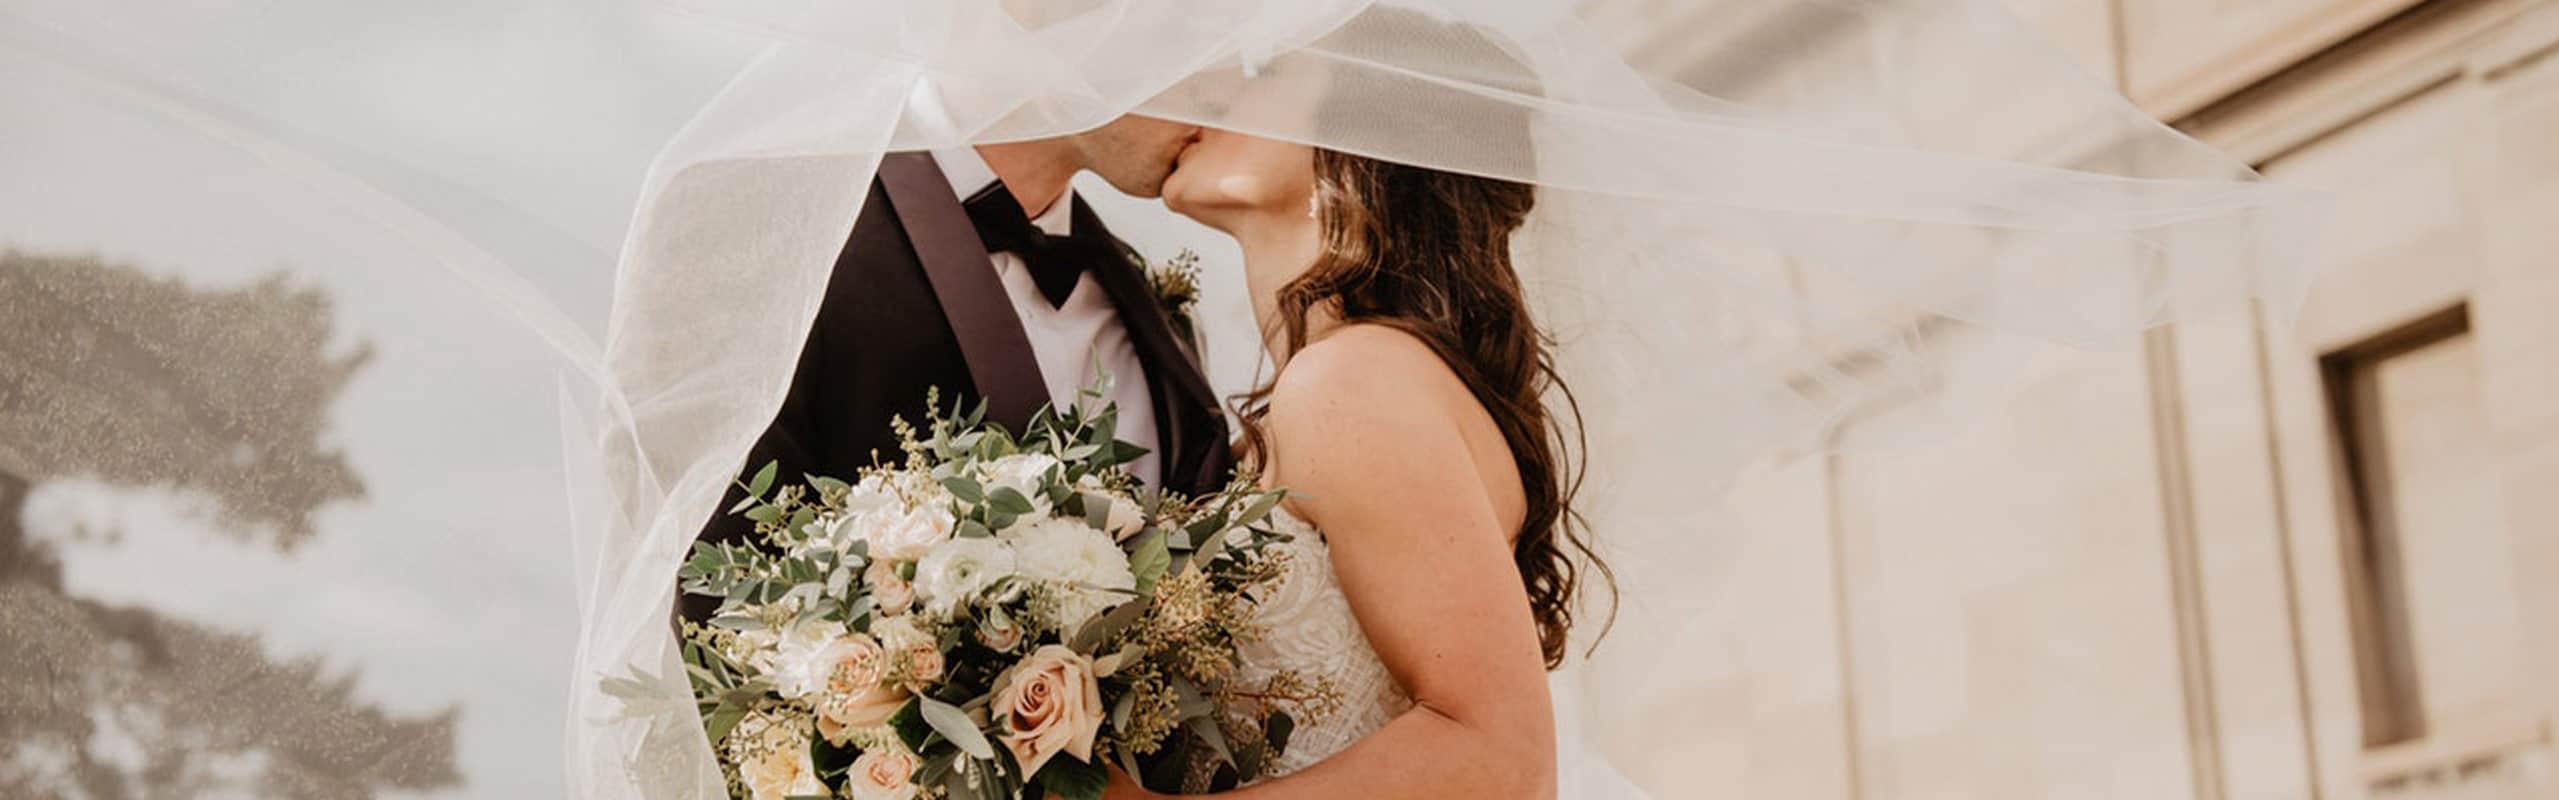 Conoce al organizador de bodas y las ventajas de contratar uno